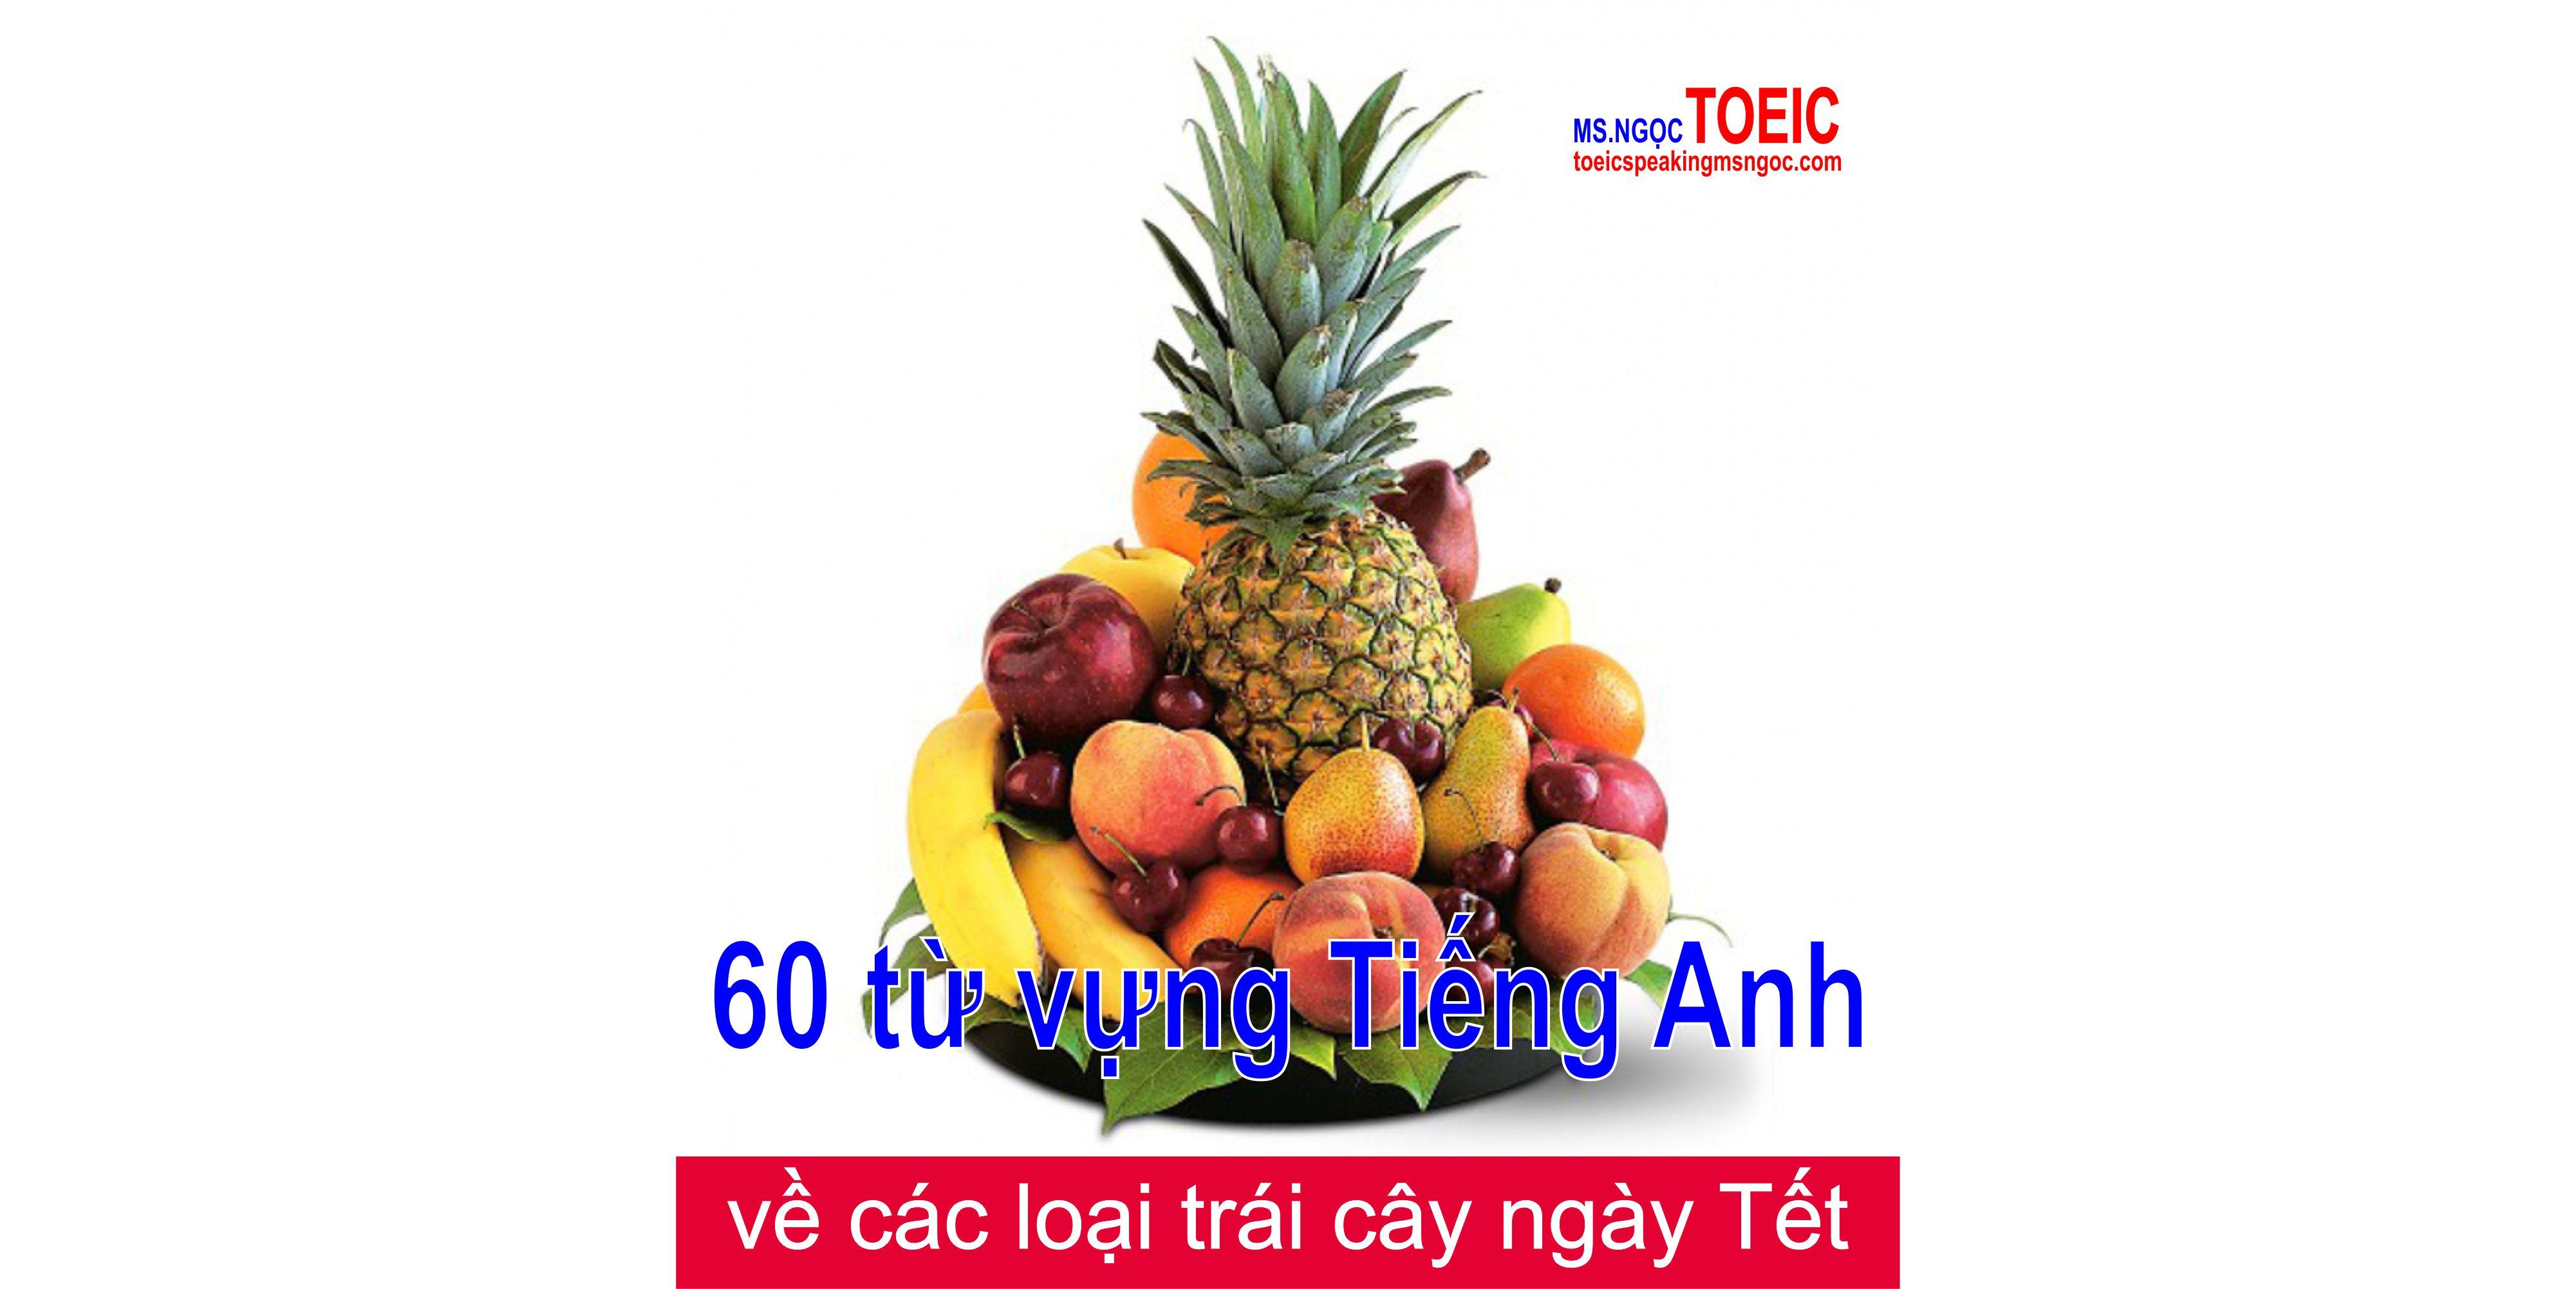 top-60-tu-vung-tieng-anh-ve-cac-loai-trai-cay-ngay-tet-188